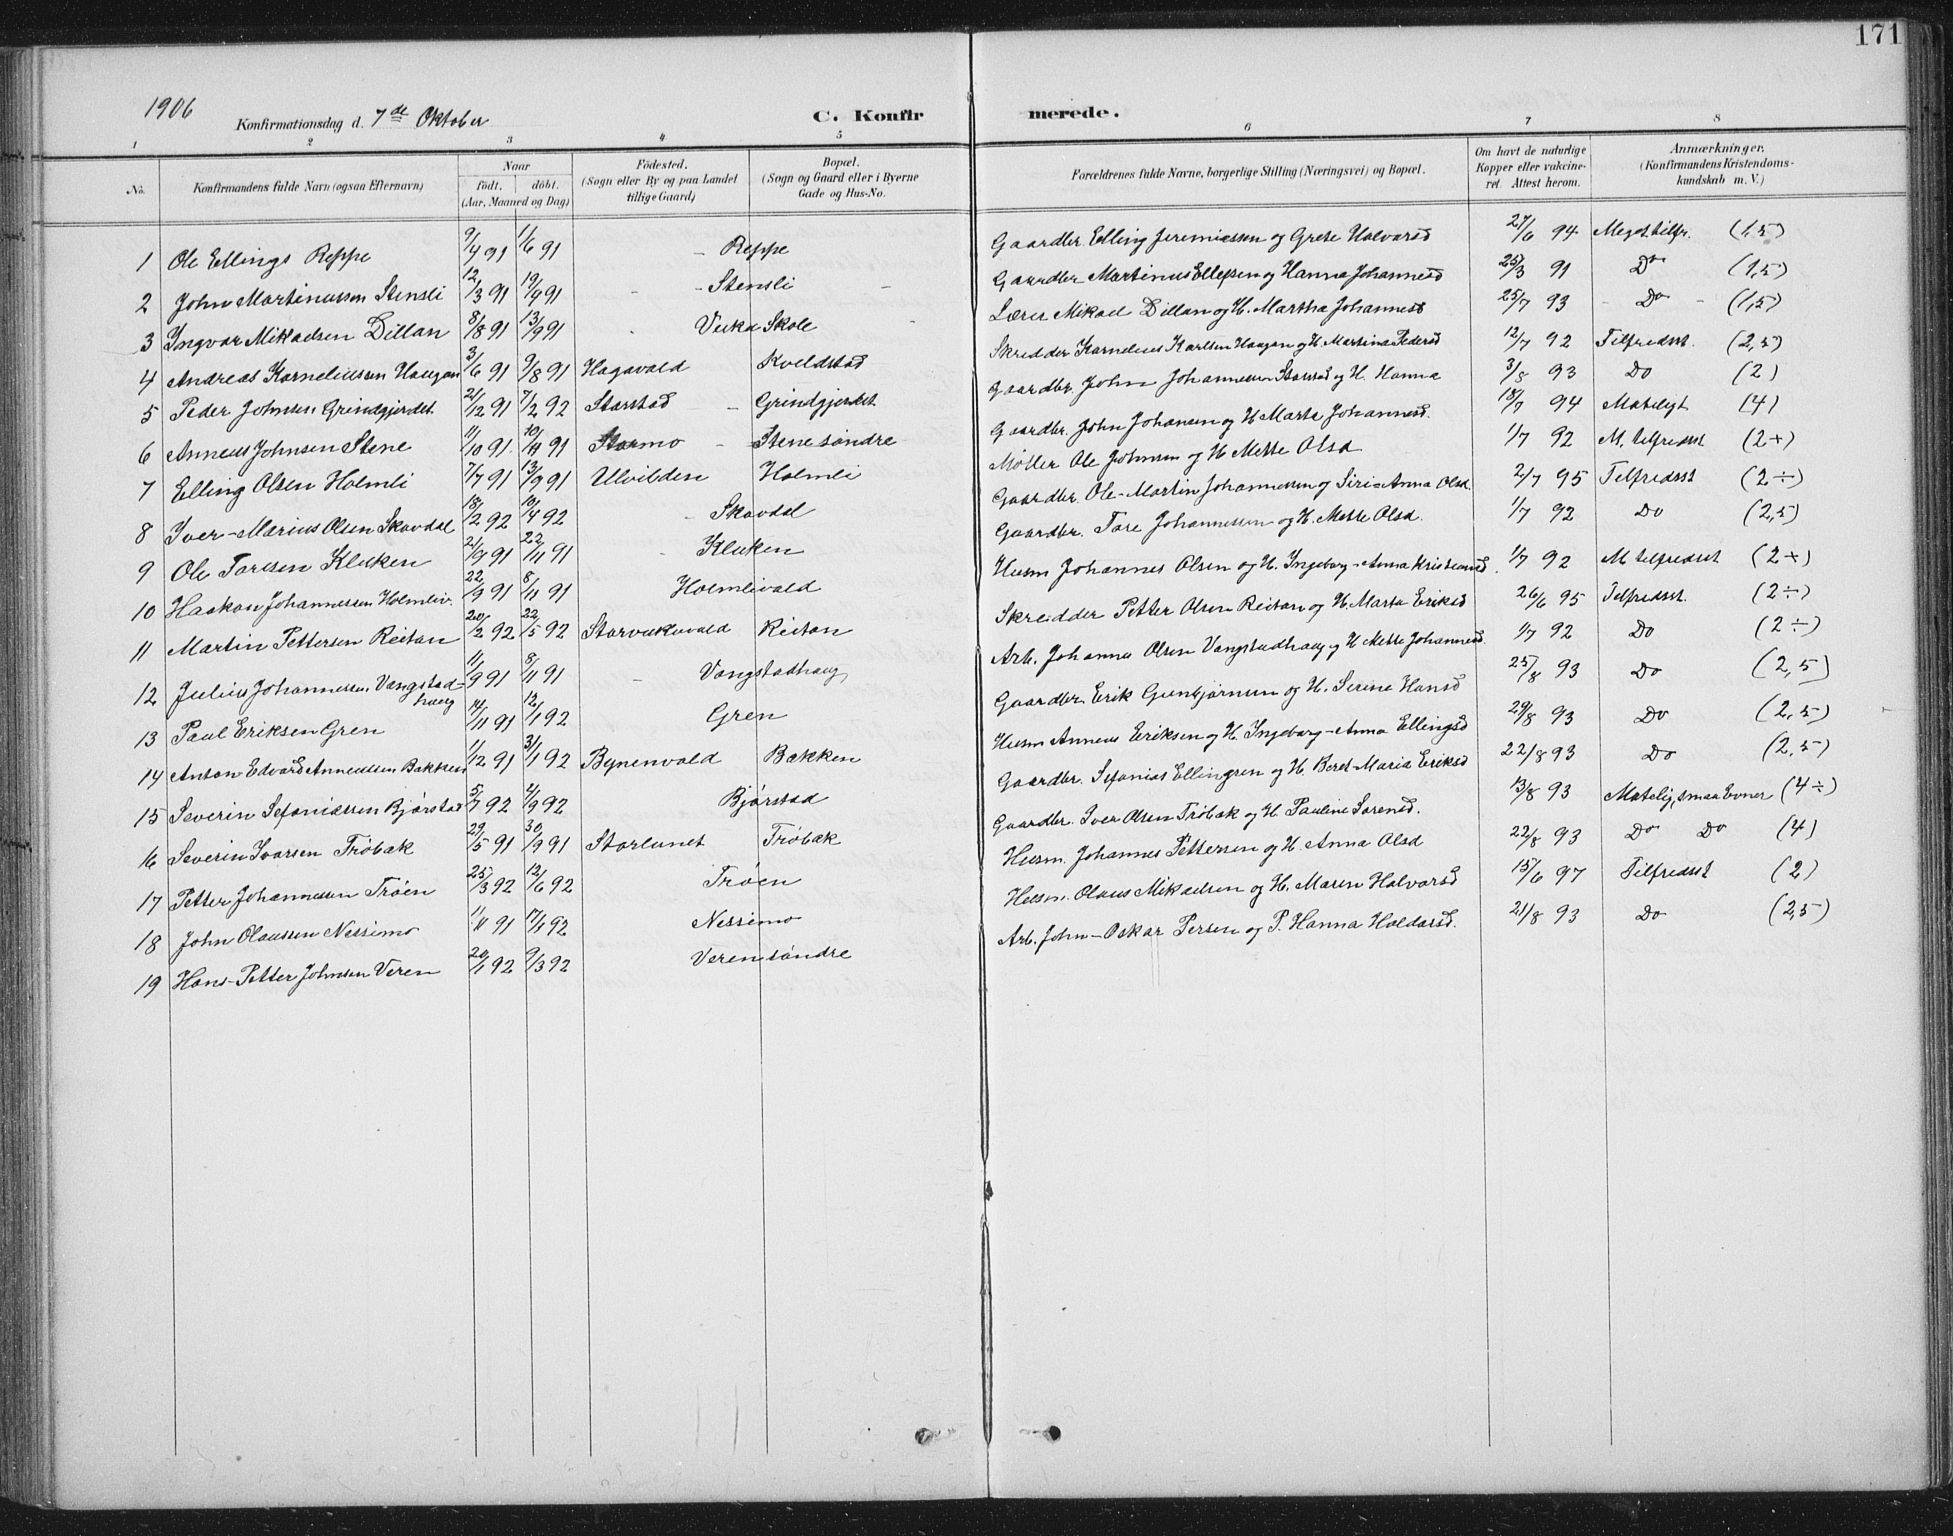 SAT, Ministerialprotokoller, klokkerbøker og fødselsregistre - Nord-Trøndelag, 724/L0269: Klokkerbok nr. 724C05, 1899-1920, s. 171